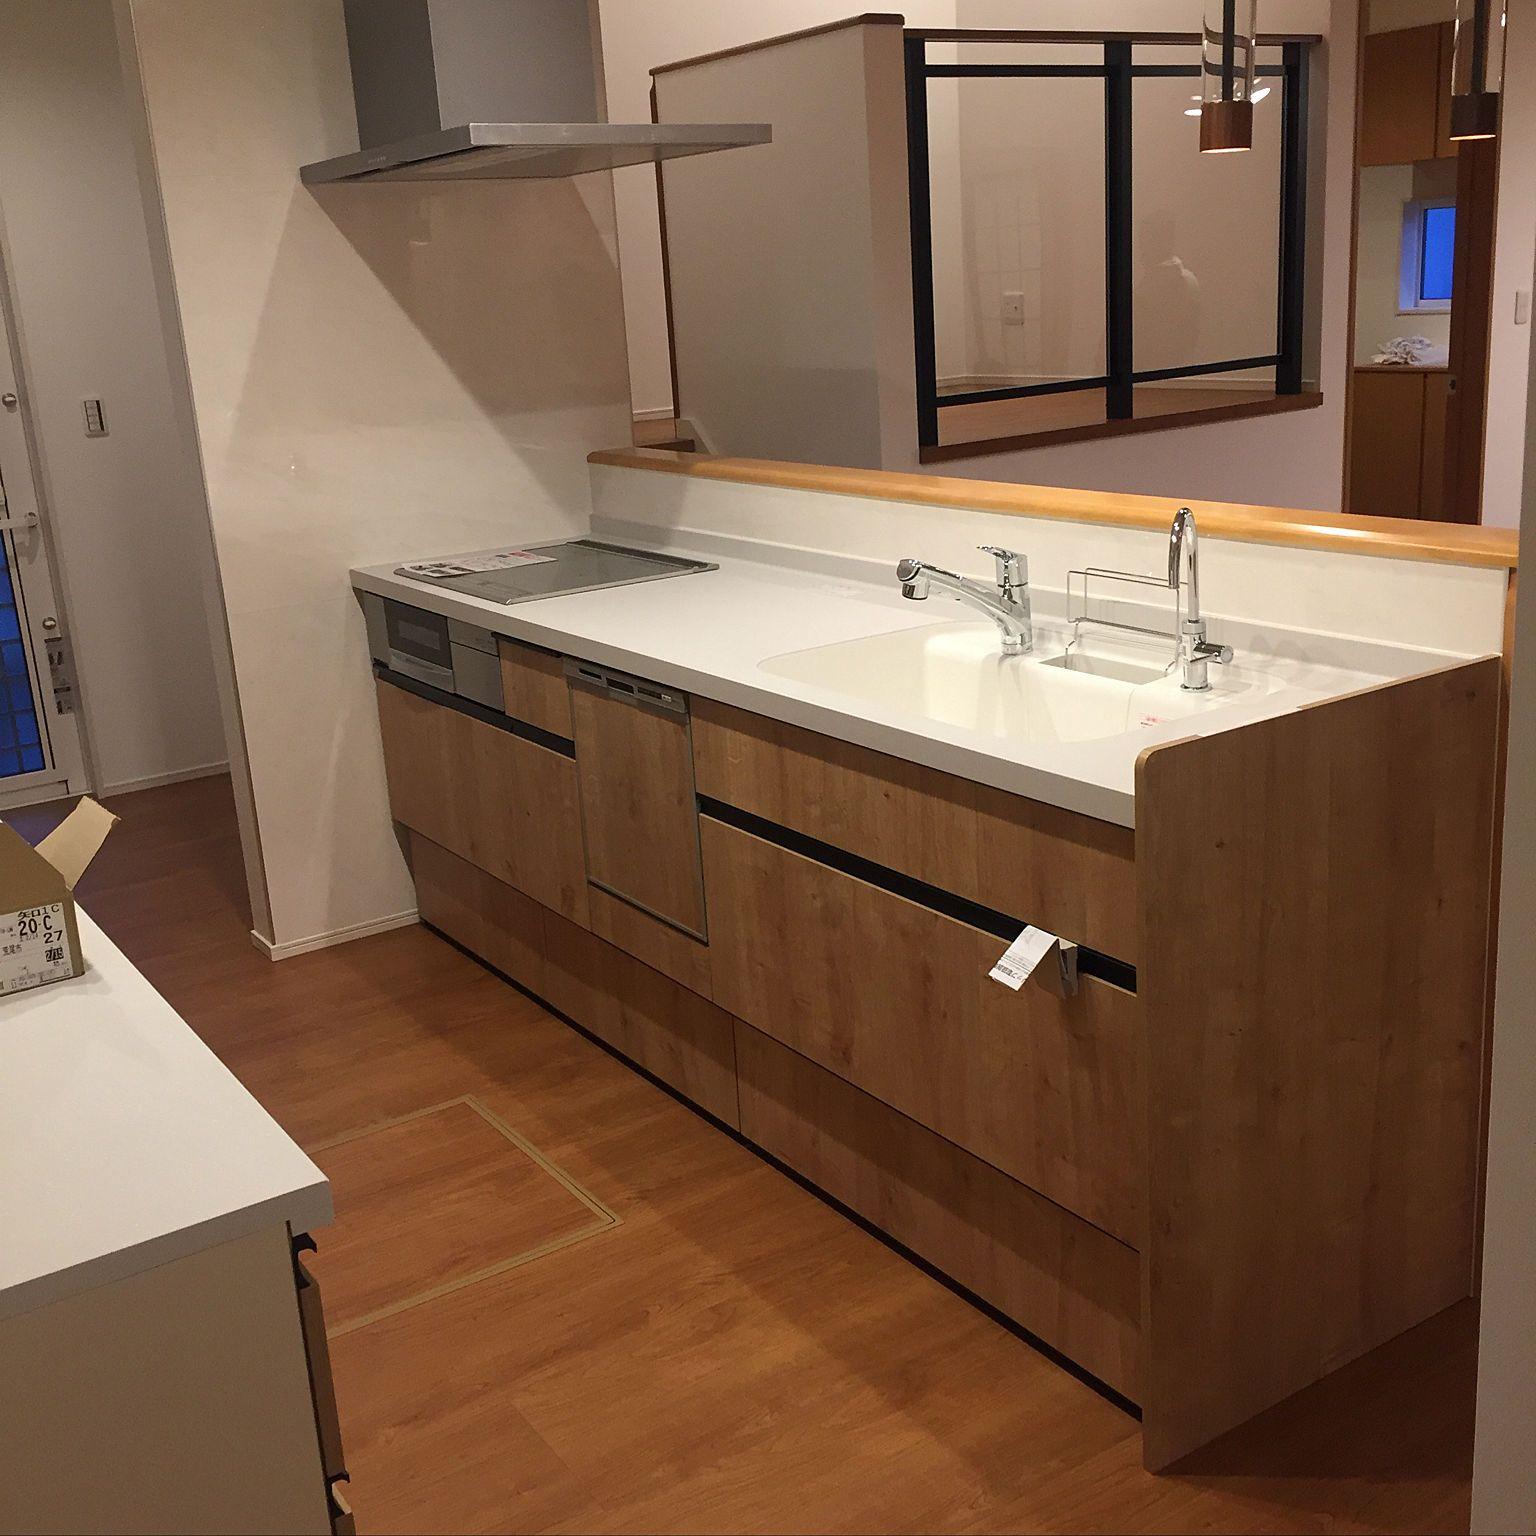 キッチン タマホーム 新築 4ldk Lixil などのインテリア実例 2018 02 25 20 38 38 Roomclip ルームクリップ 2020 キッチン リクシル 室内 ドア インテリア 実例